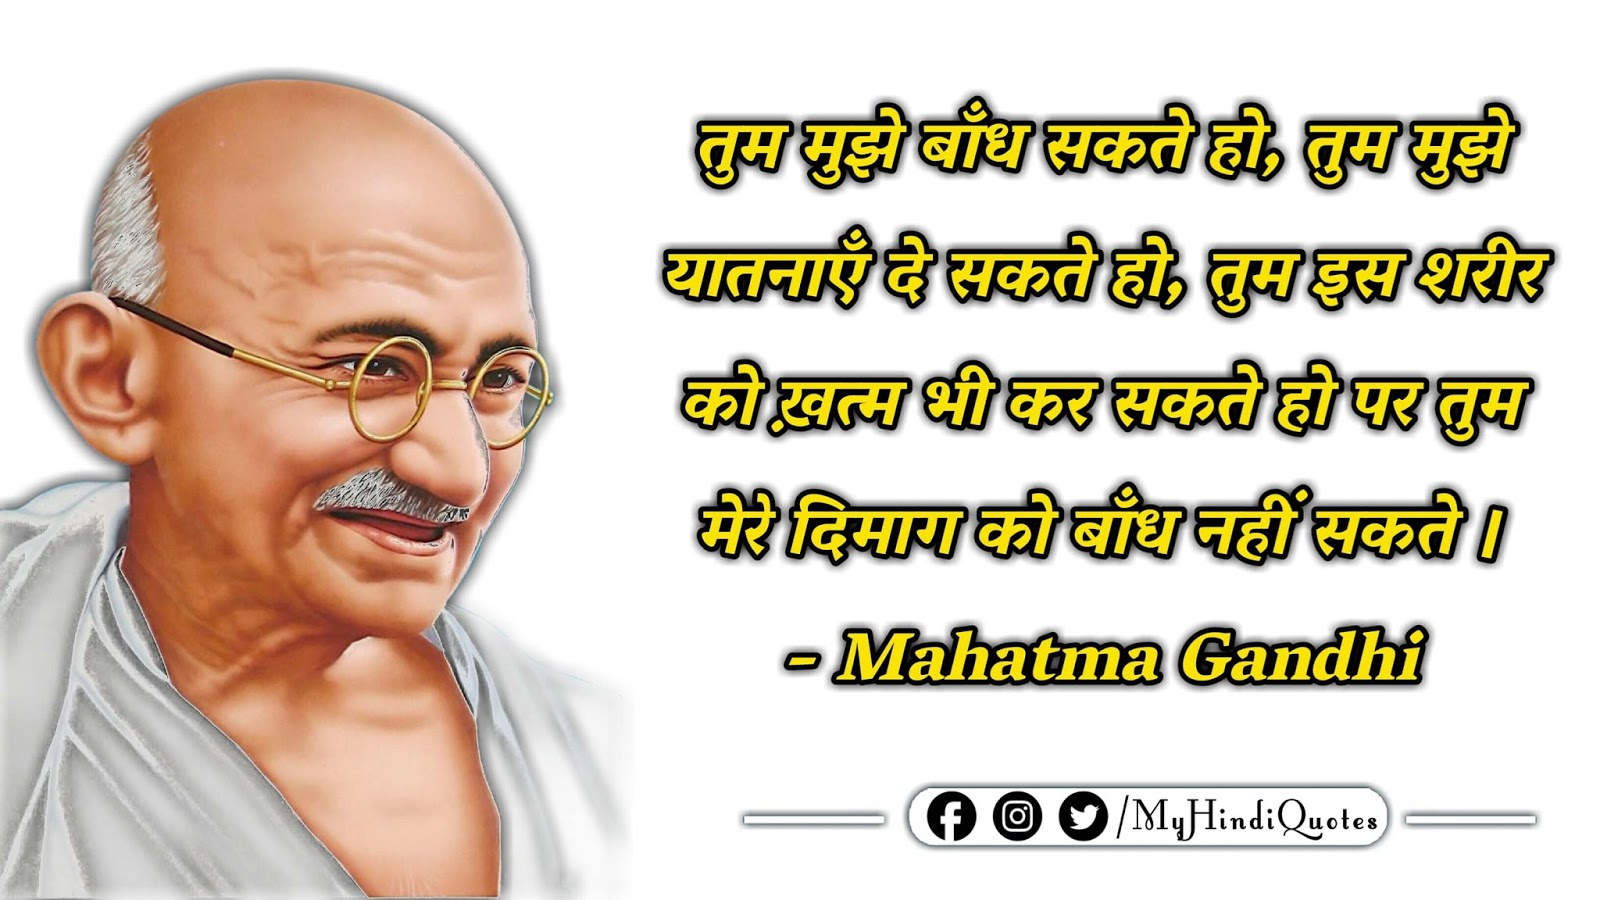 Mahatma gandhi Quotes 3